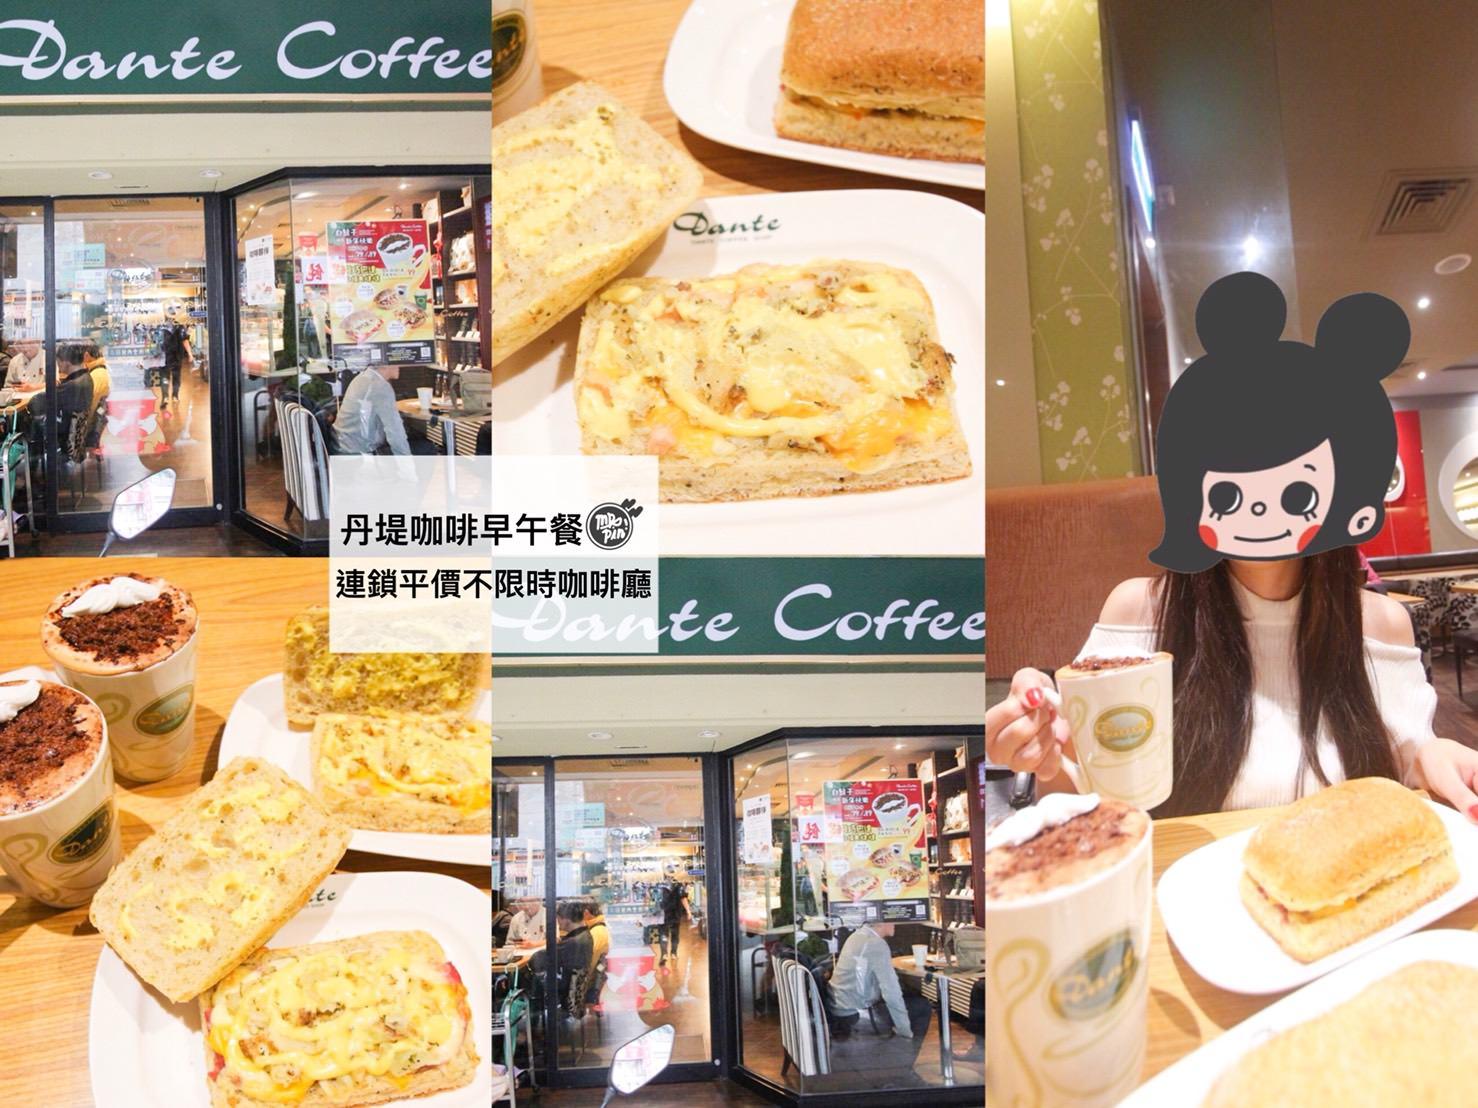 丹堤咖啡漢口懷寧店